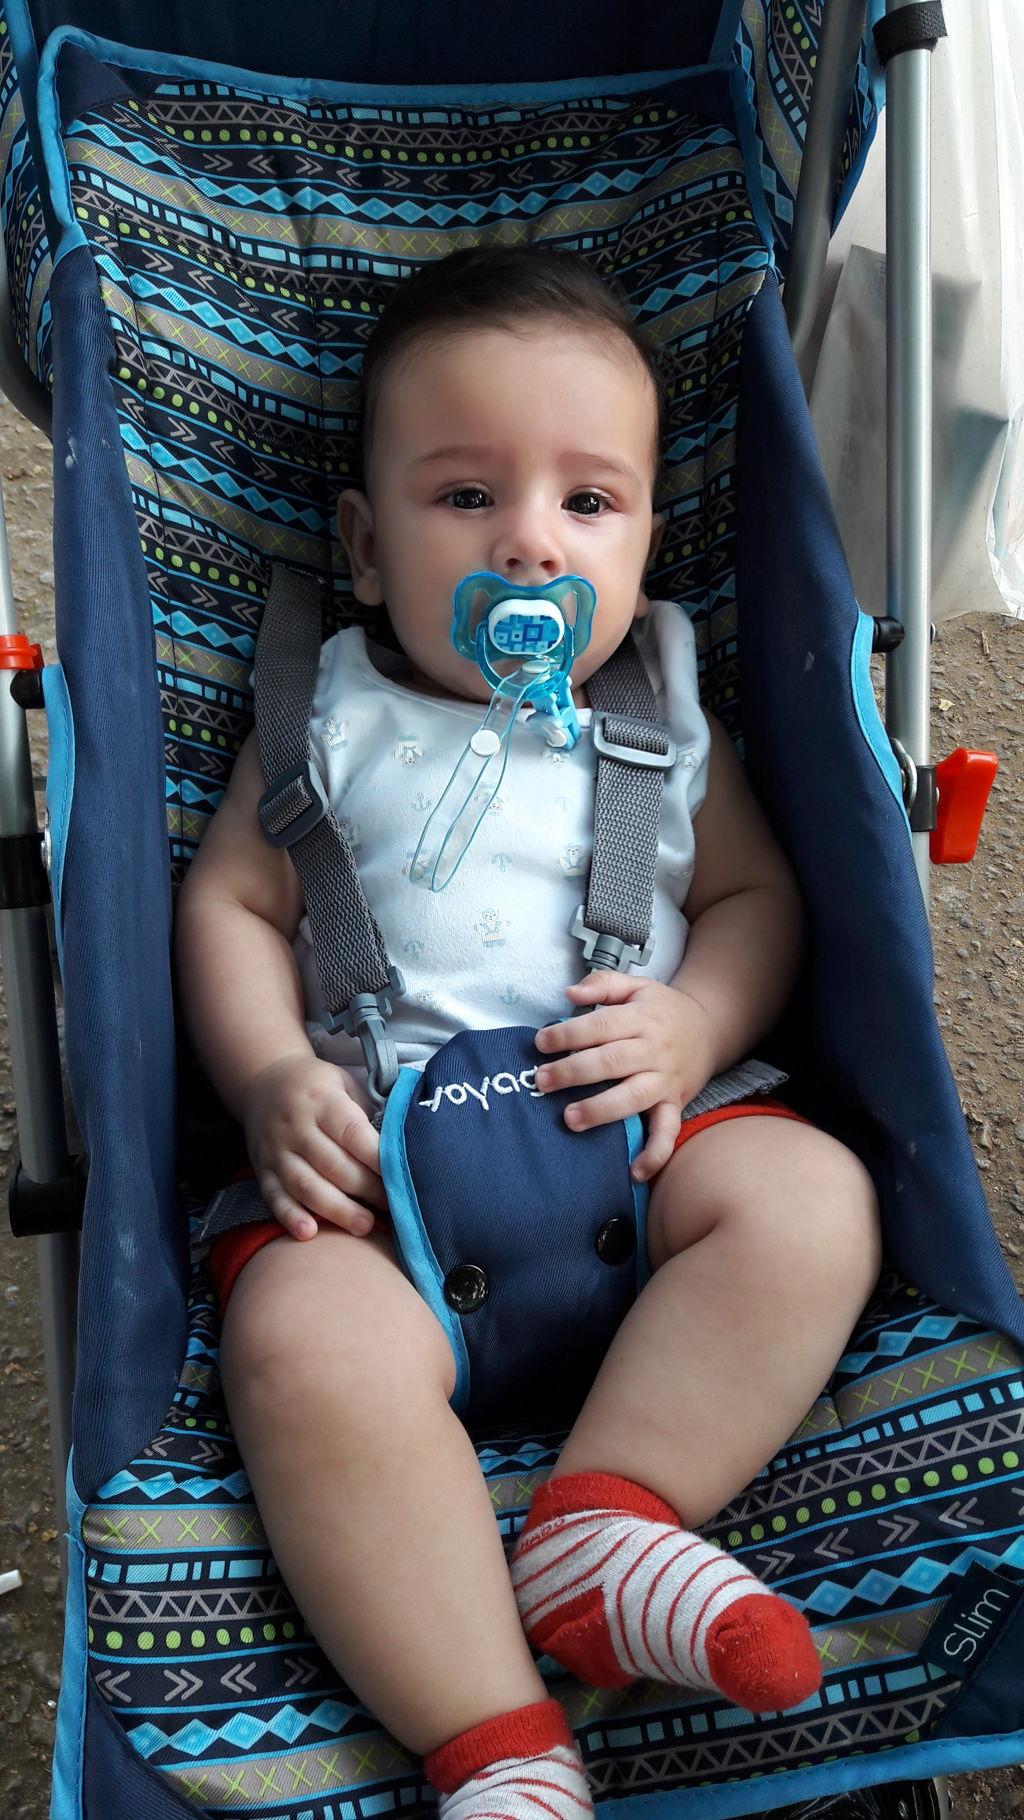 c4a7321f4 Carrinho de Bebê Umbrella Slim Azul - Voyage - Carrinhos para ...